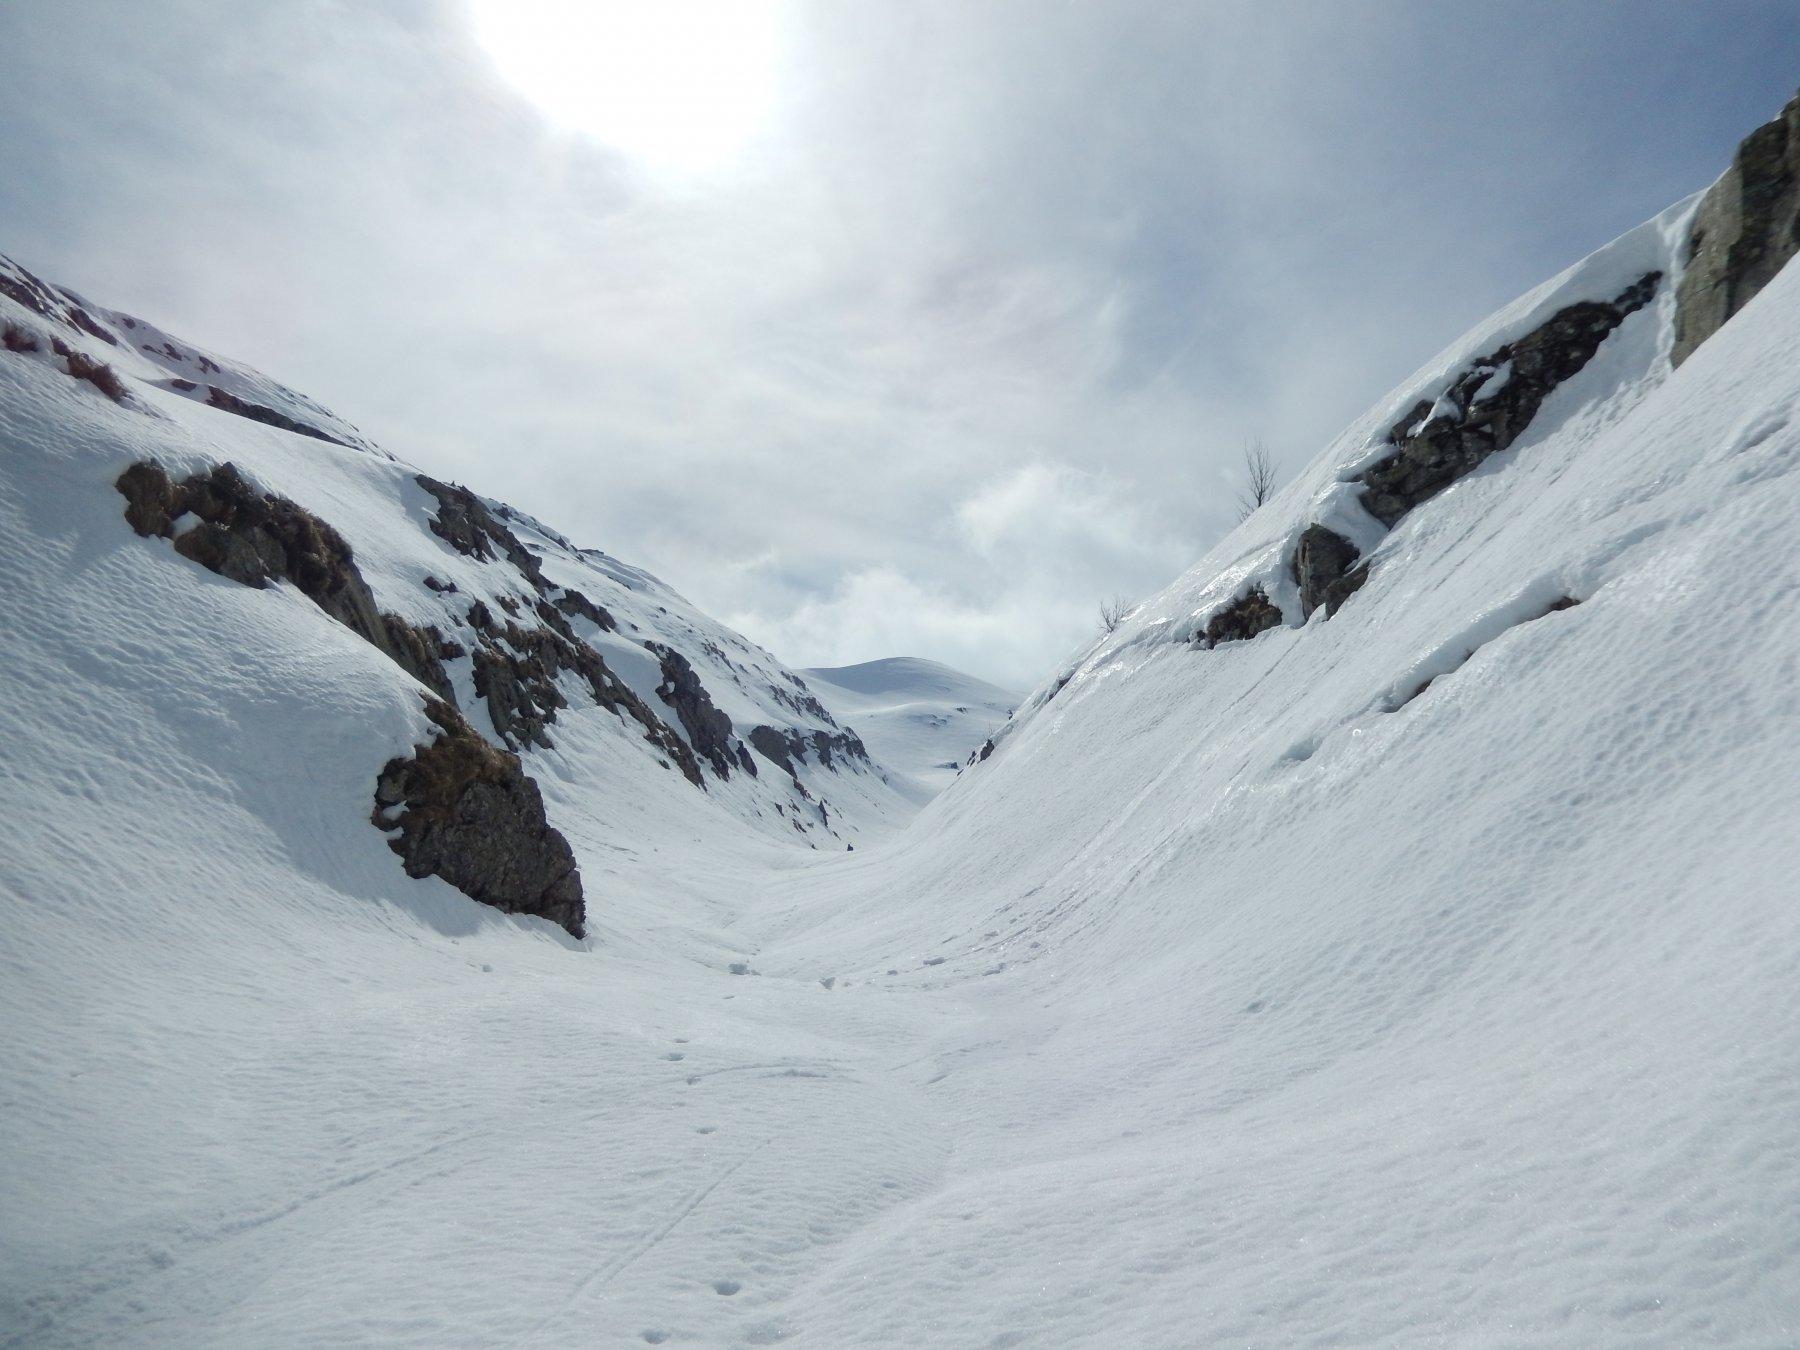 Sillara (Monte) da Valditacca per il versante N 2016-03-27